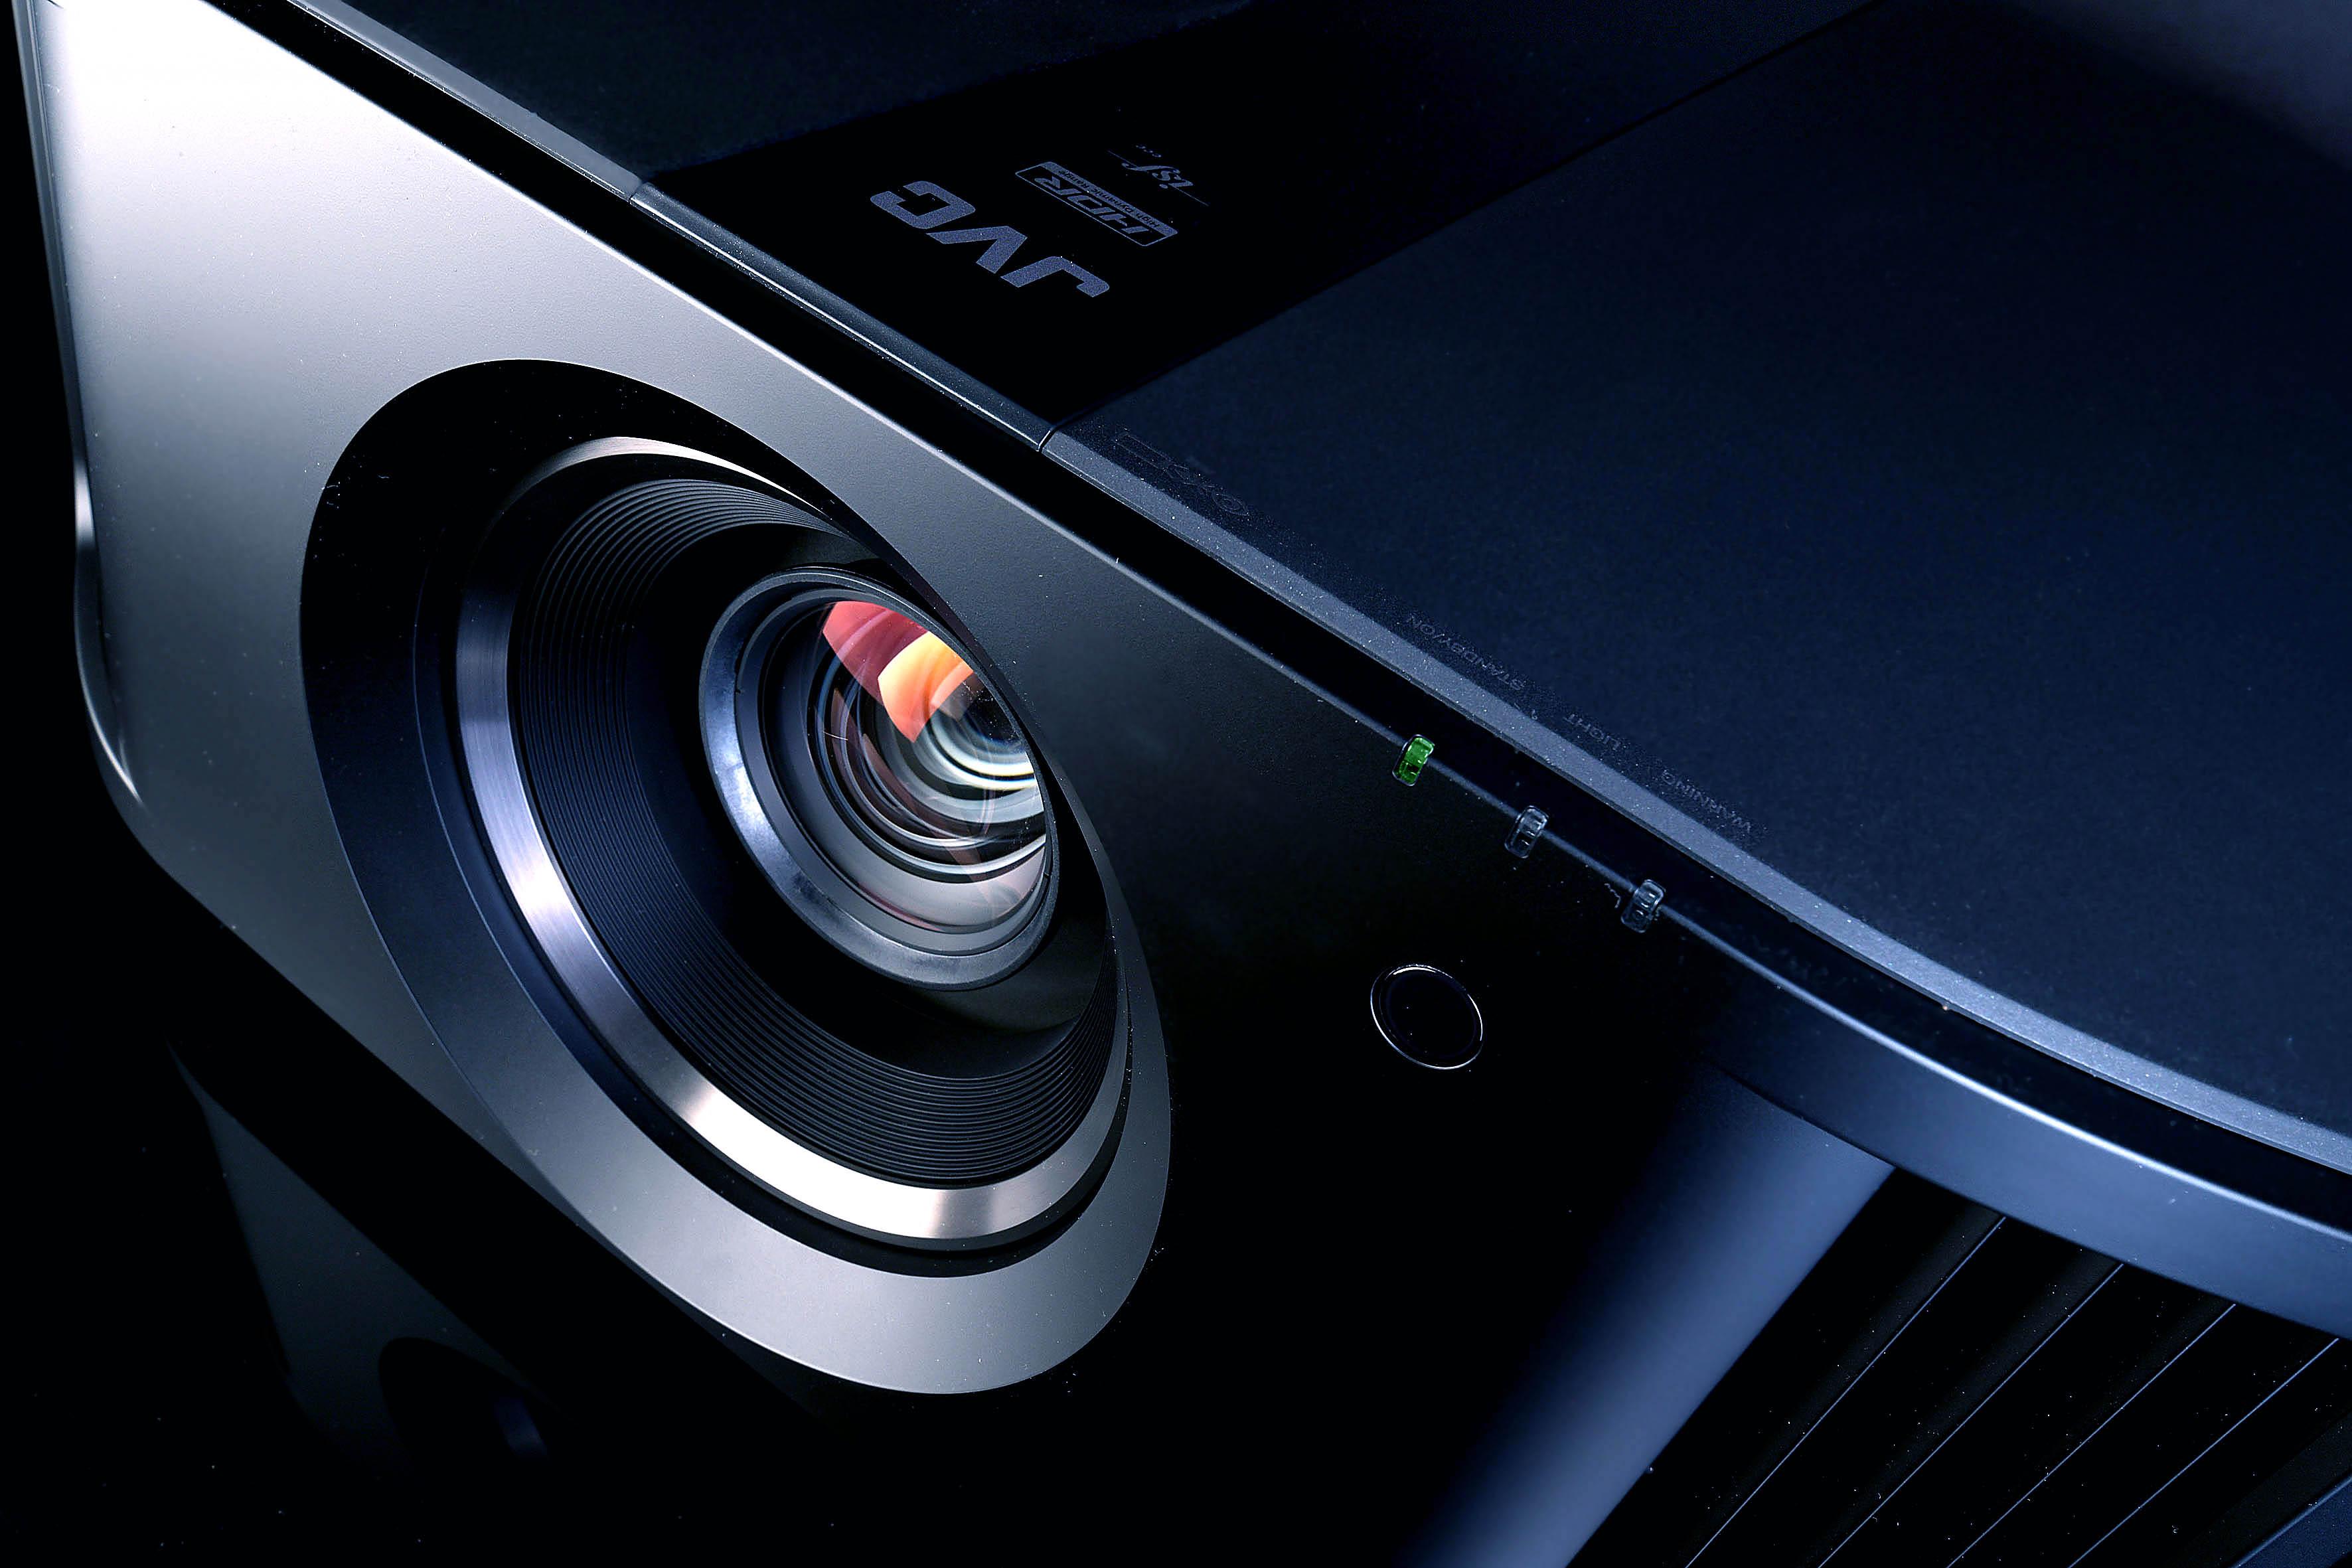 Foto: Michael B. Rehders JVC DLA-N7 – dieser native 4K-Projektor ist der ideale Spielpartner für die drei Panasonic 4K-Blu-ray-Player.